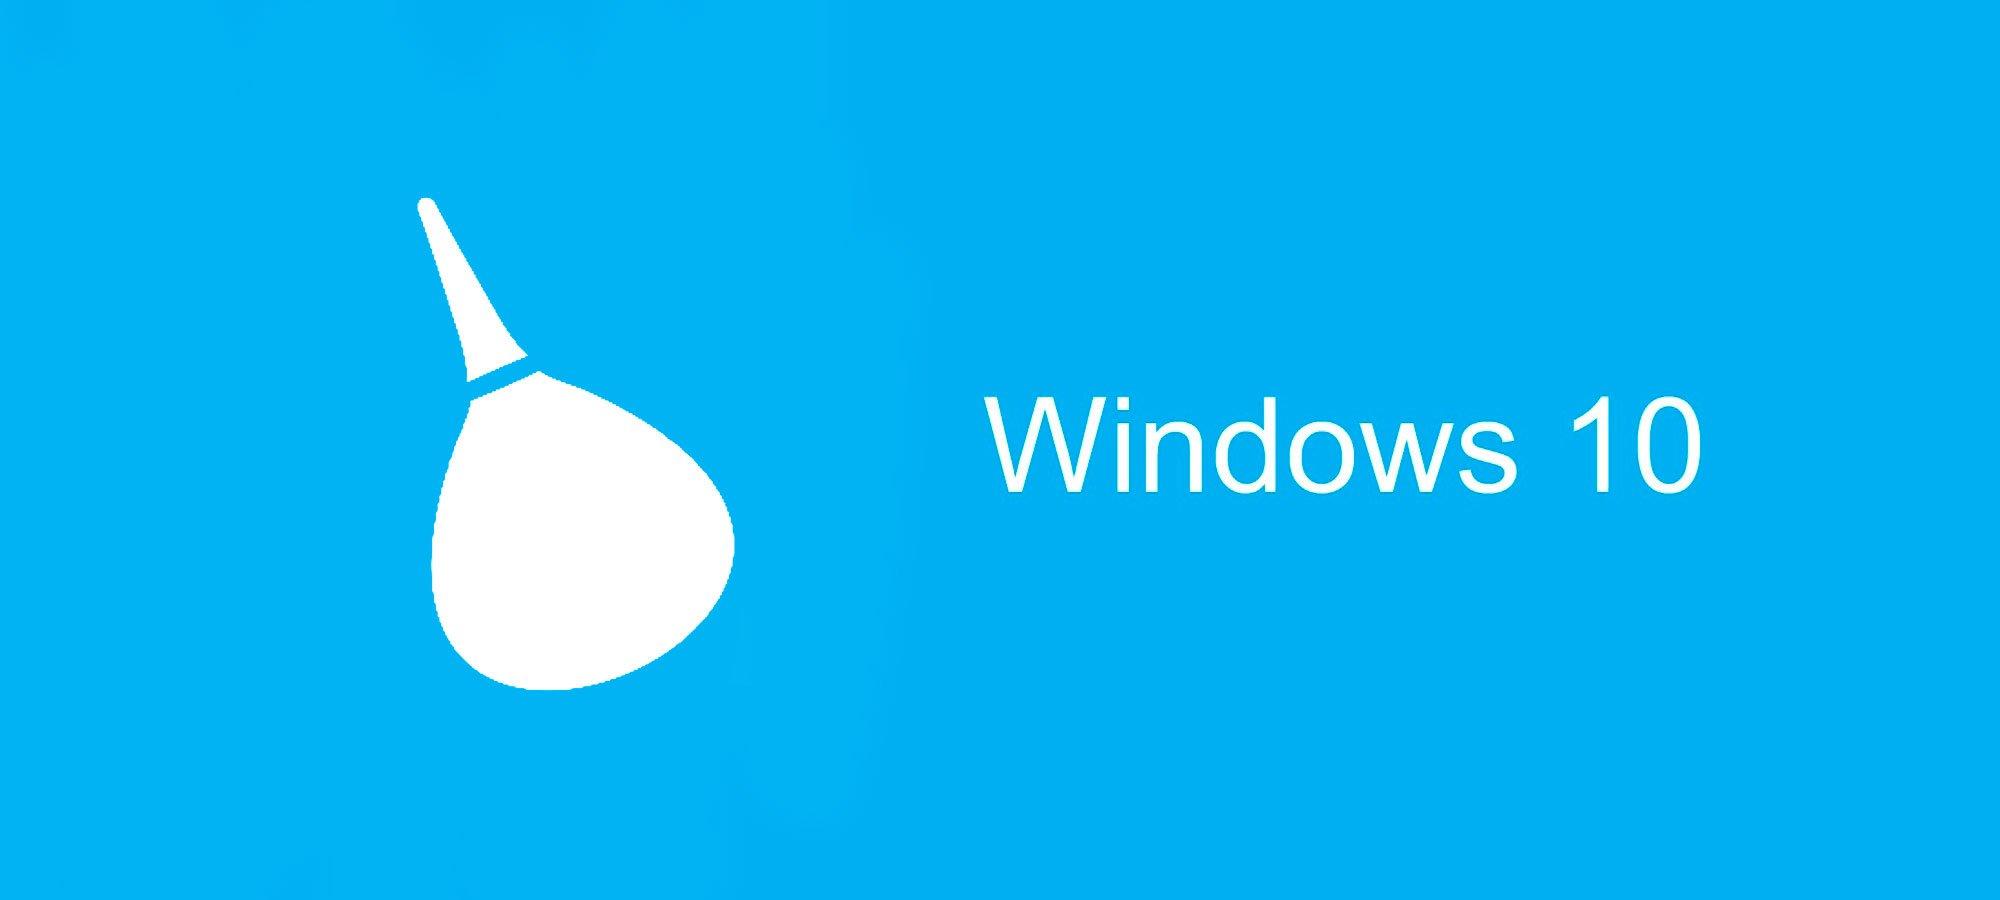 Обновление до Windows 10 - теперь и ректально-принудительно! - Изображение 1